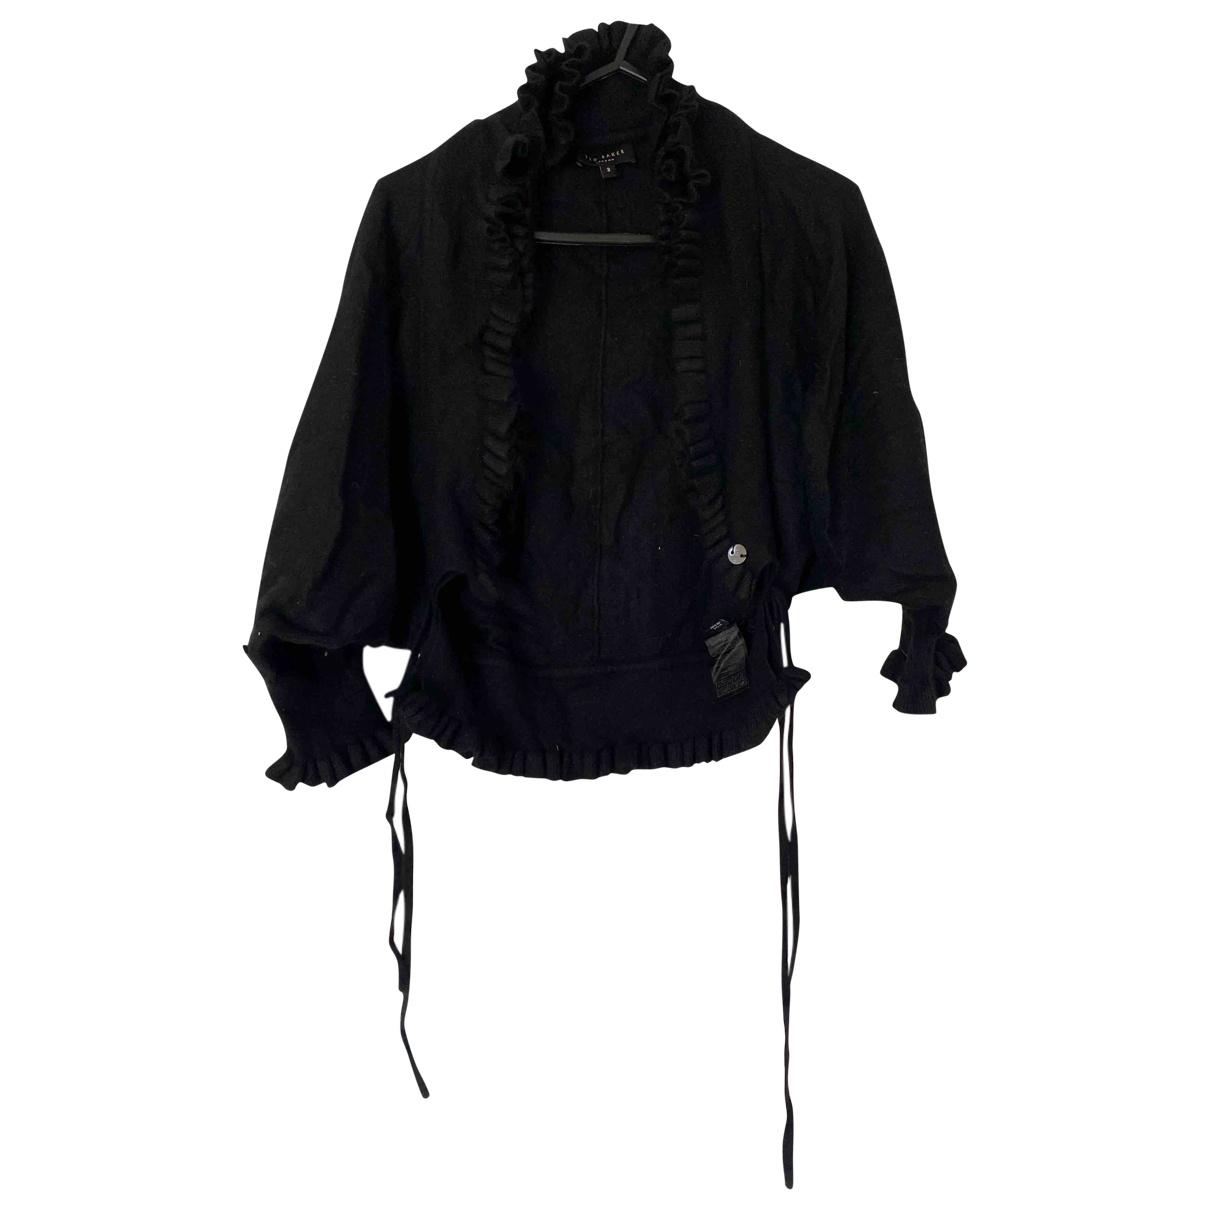 Ted Baker - Top   pour femme en laine - noir